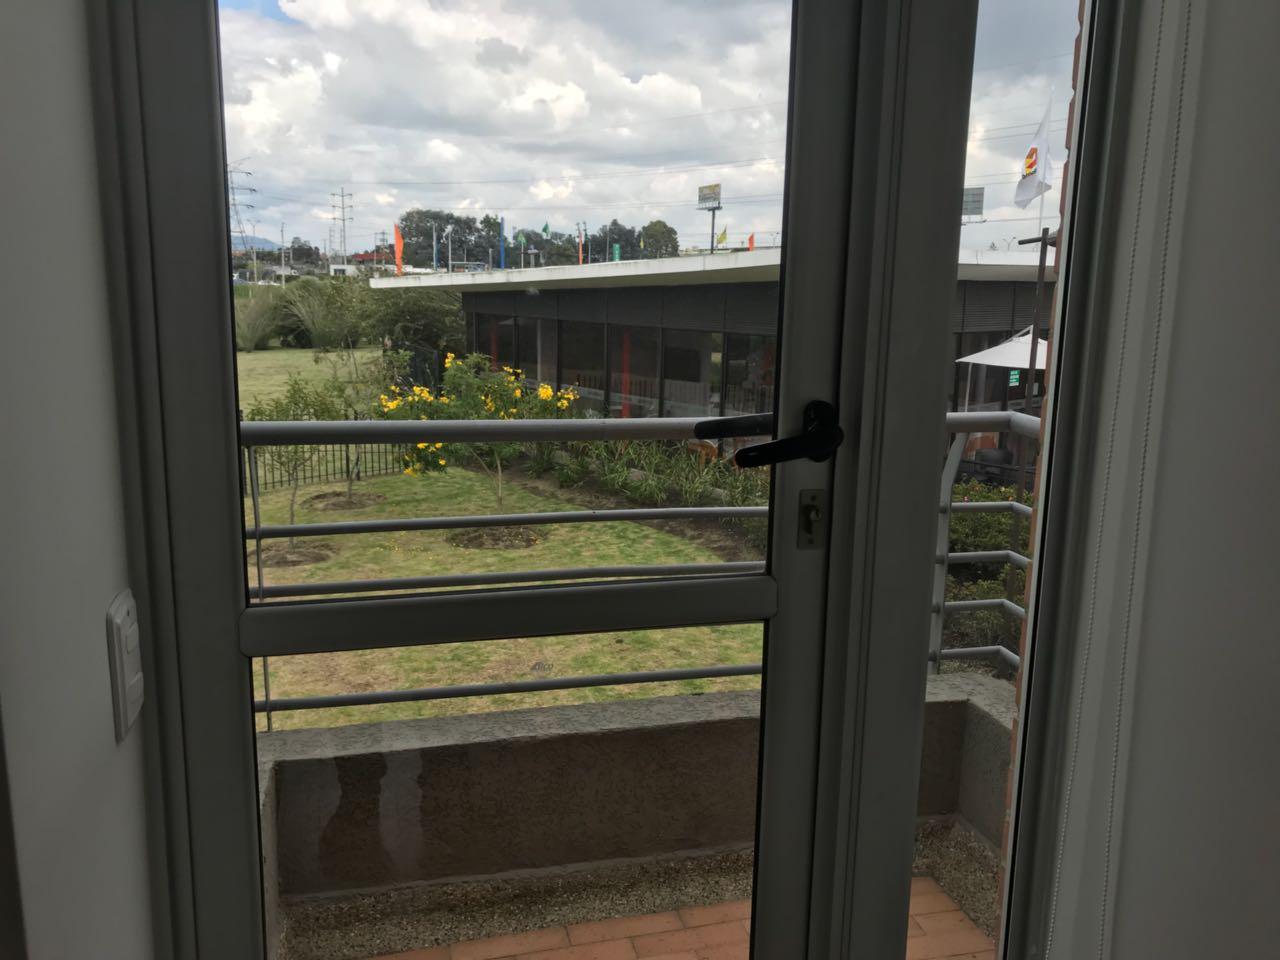 8 1 30, MOSQUERA, Cundinamarca, 4 Habitaciones Habitaciones, ,3 BathroomsBathrooms,Casa,Arriendo,RODAMONTE,1,3,1149